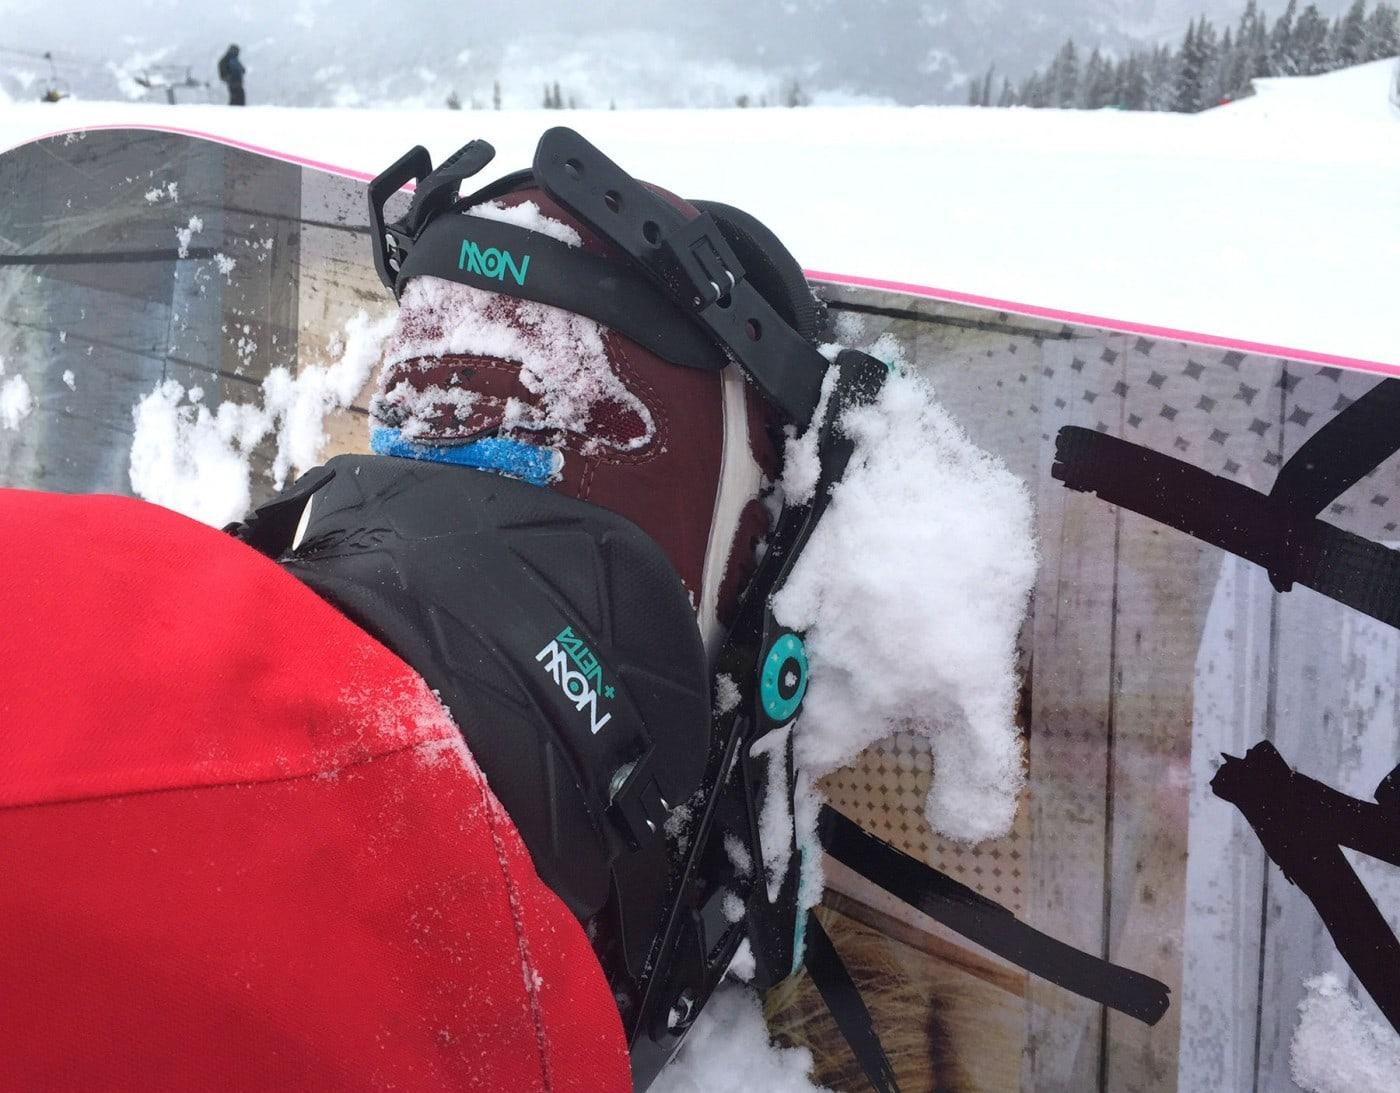 Best Women's Ski & Snowboard Gear 2017 Now Vetta Bindings